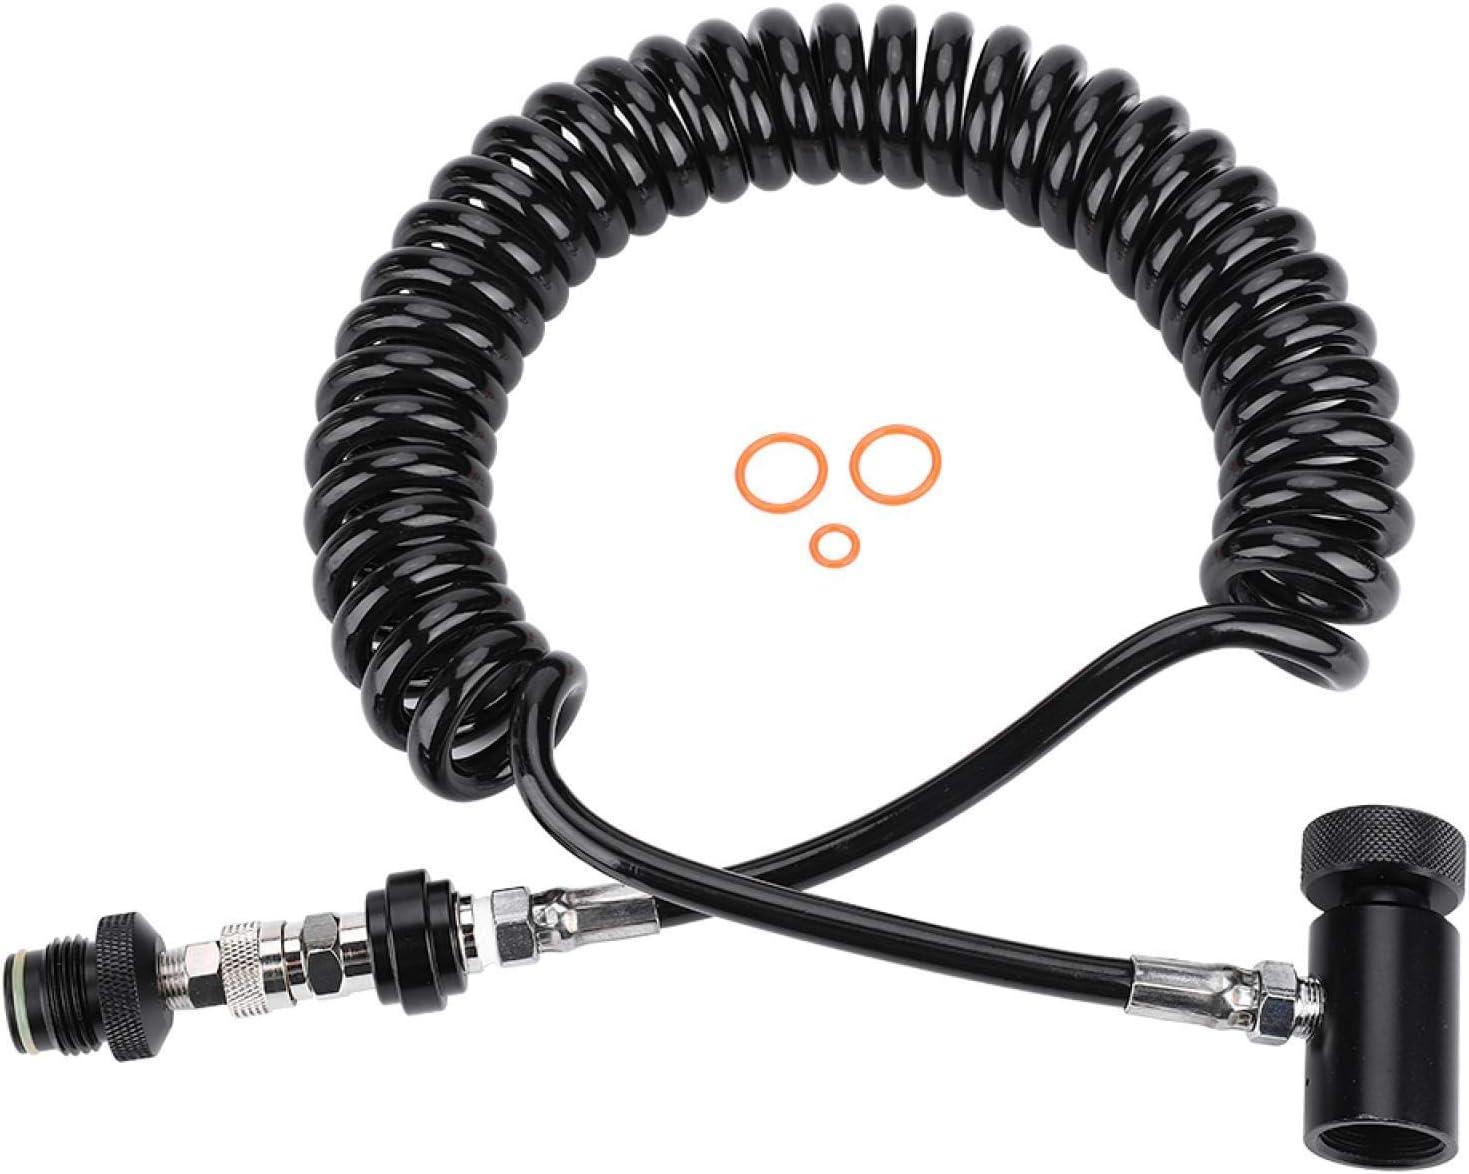 manguera de conexi/ón de cilindro de bobina remota Manguera de paintball marcador de paintball manguera corrugada con 3 anillos de sellado